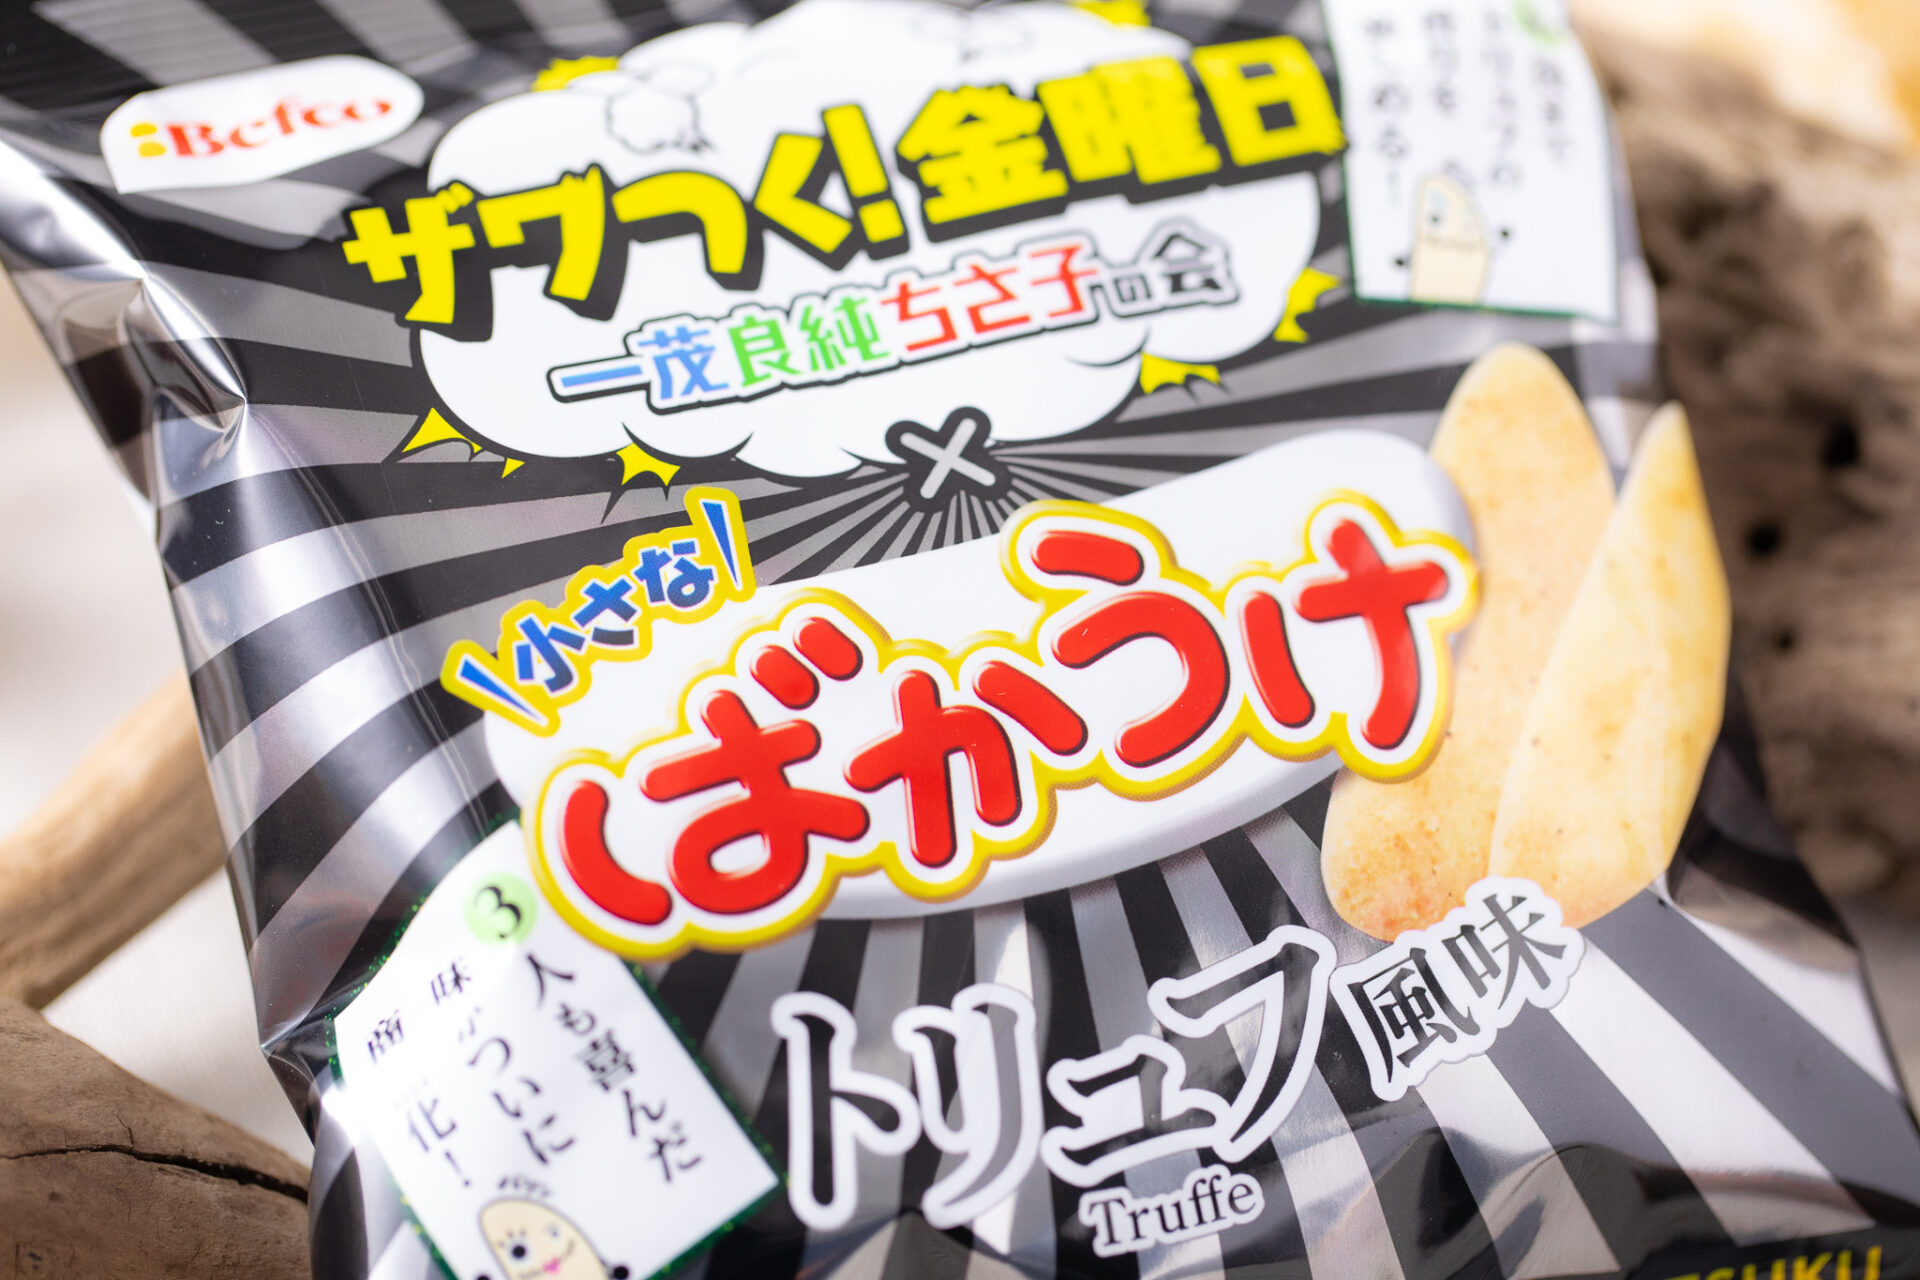 栗山米菓『ザワつく!金曜日小さなばかうけトリュフ風味』